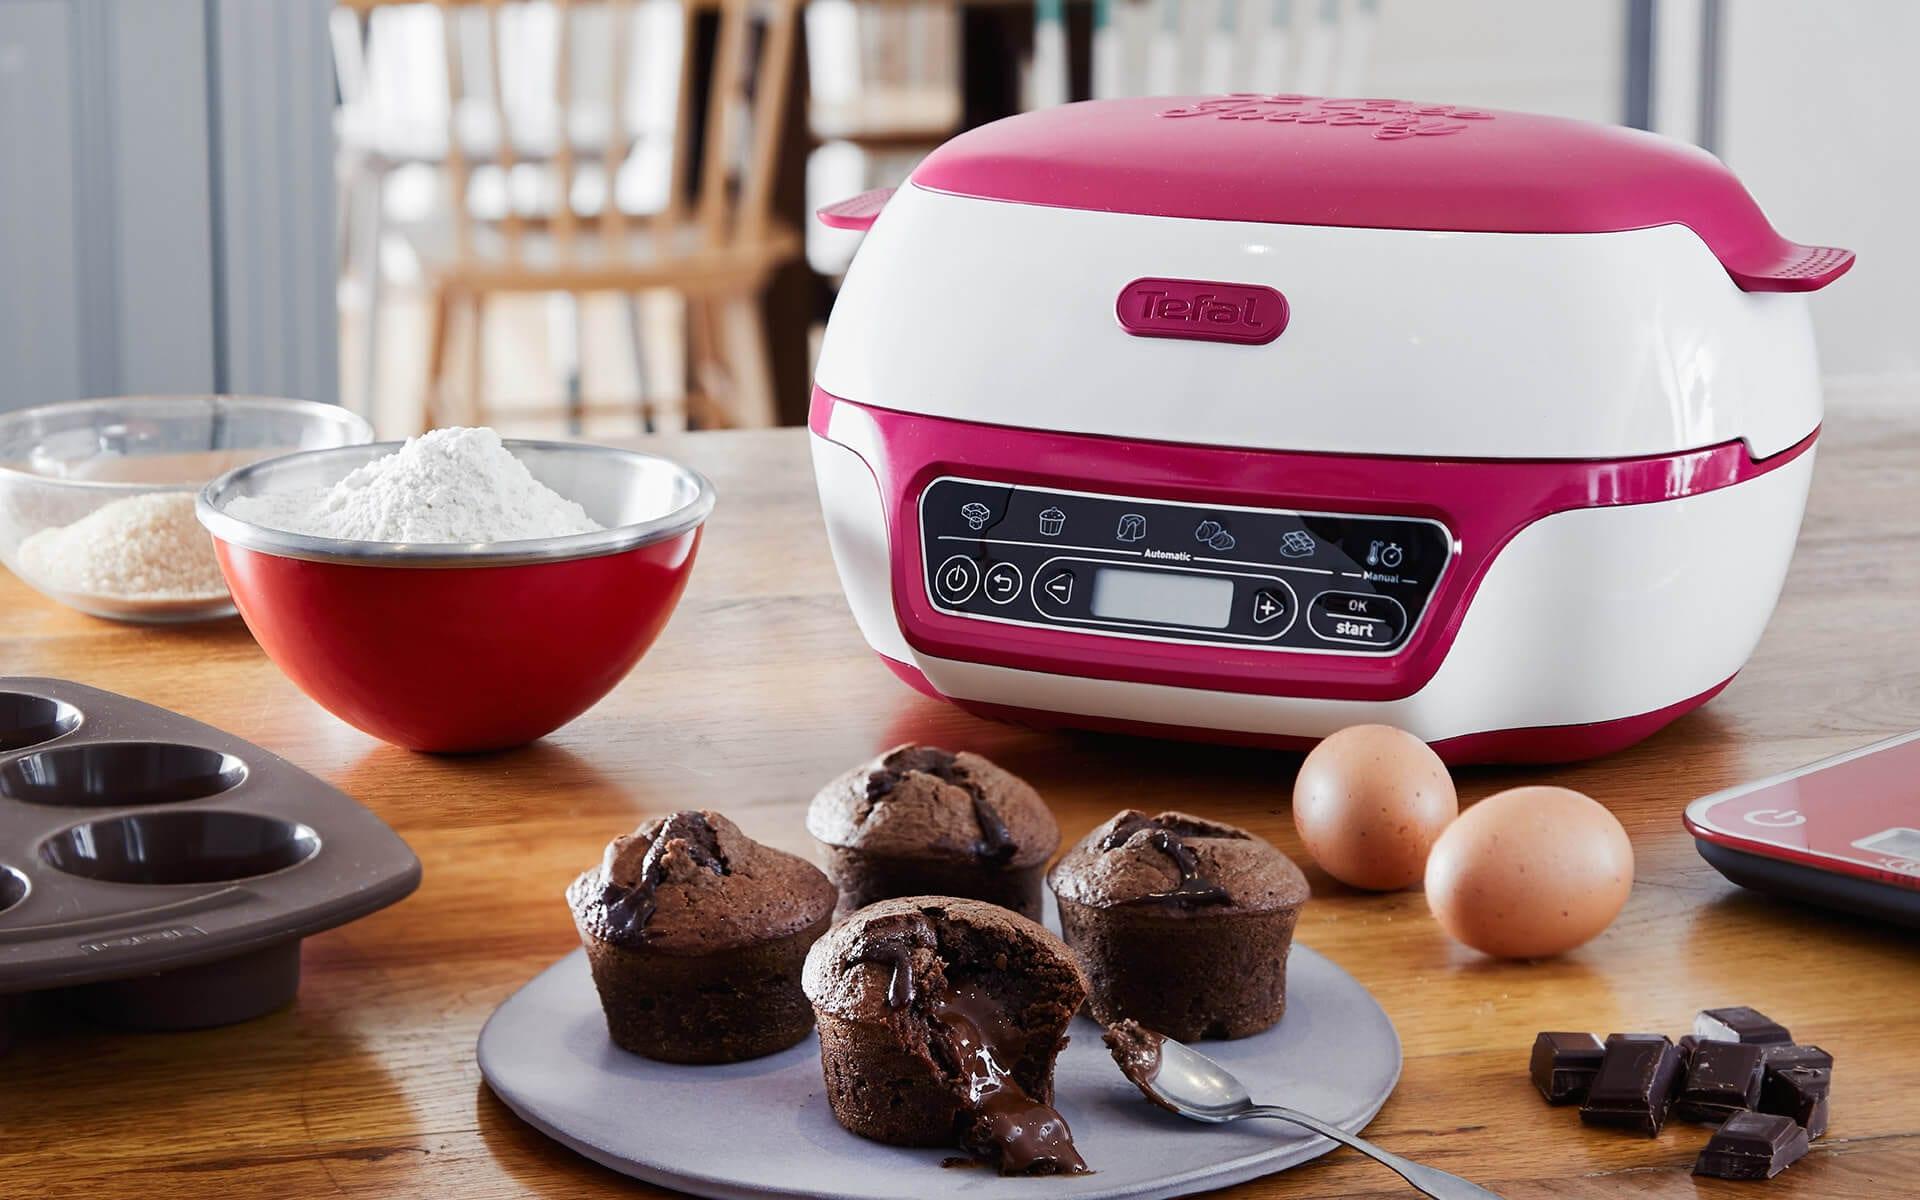 Mon test et mon avis de Chef Pâtissier sur le Tefal Cake